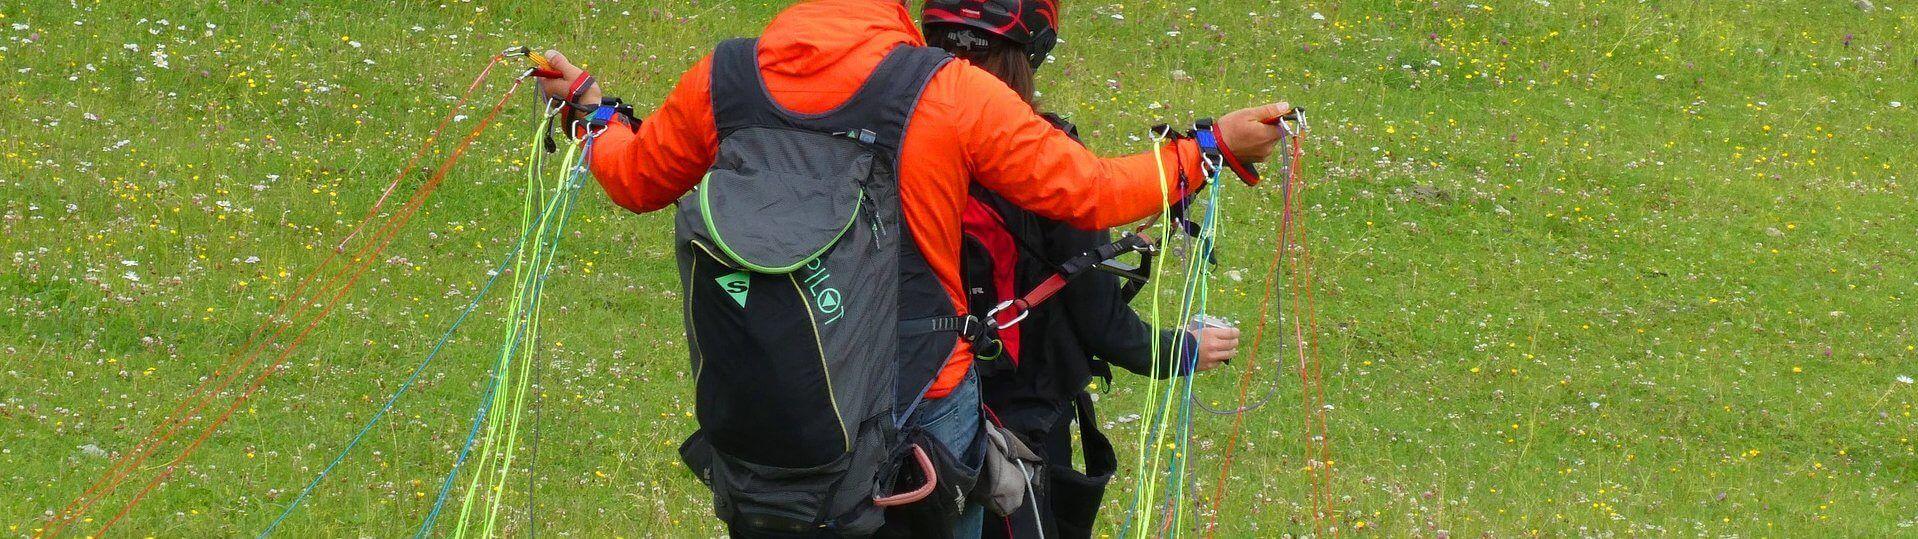 Paragliding über dem Nationalpark Hohe Tauern